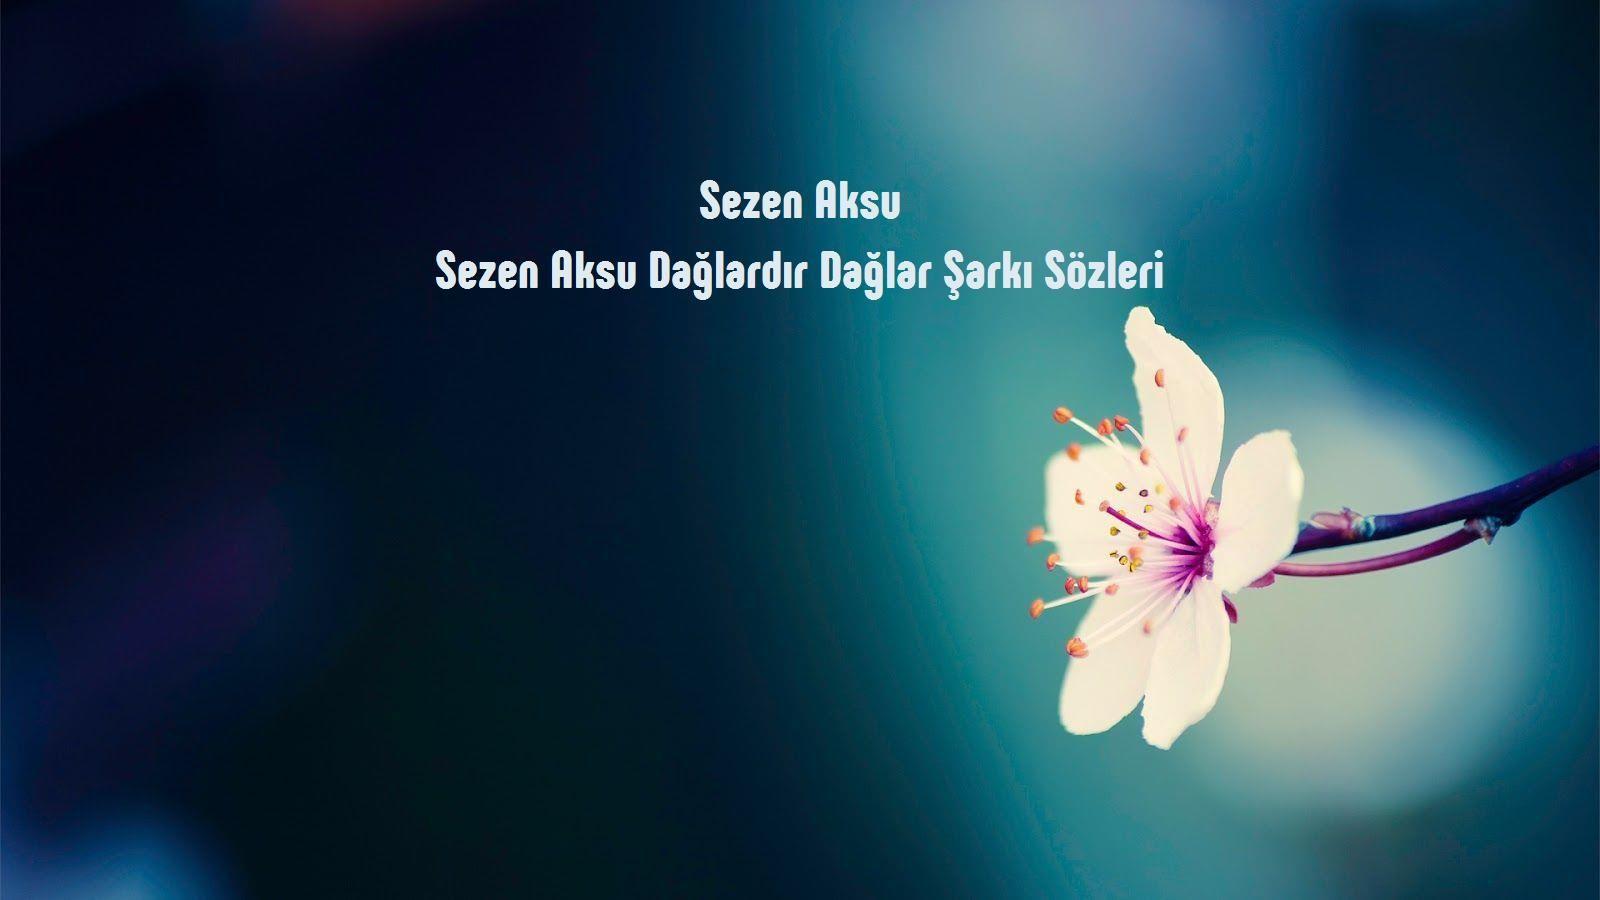 Sezen Aksu Dağlardır Dağlar sözleri http://sarki-sozleri.web.tr/sezen-aksu-daglardir-daglar-sozleri/